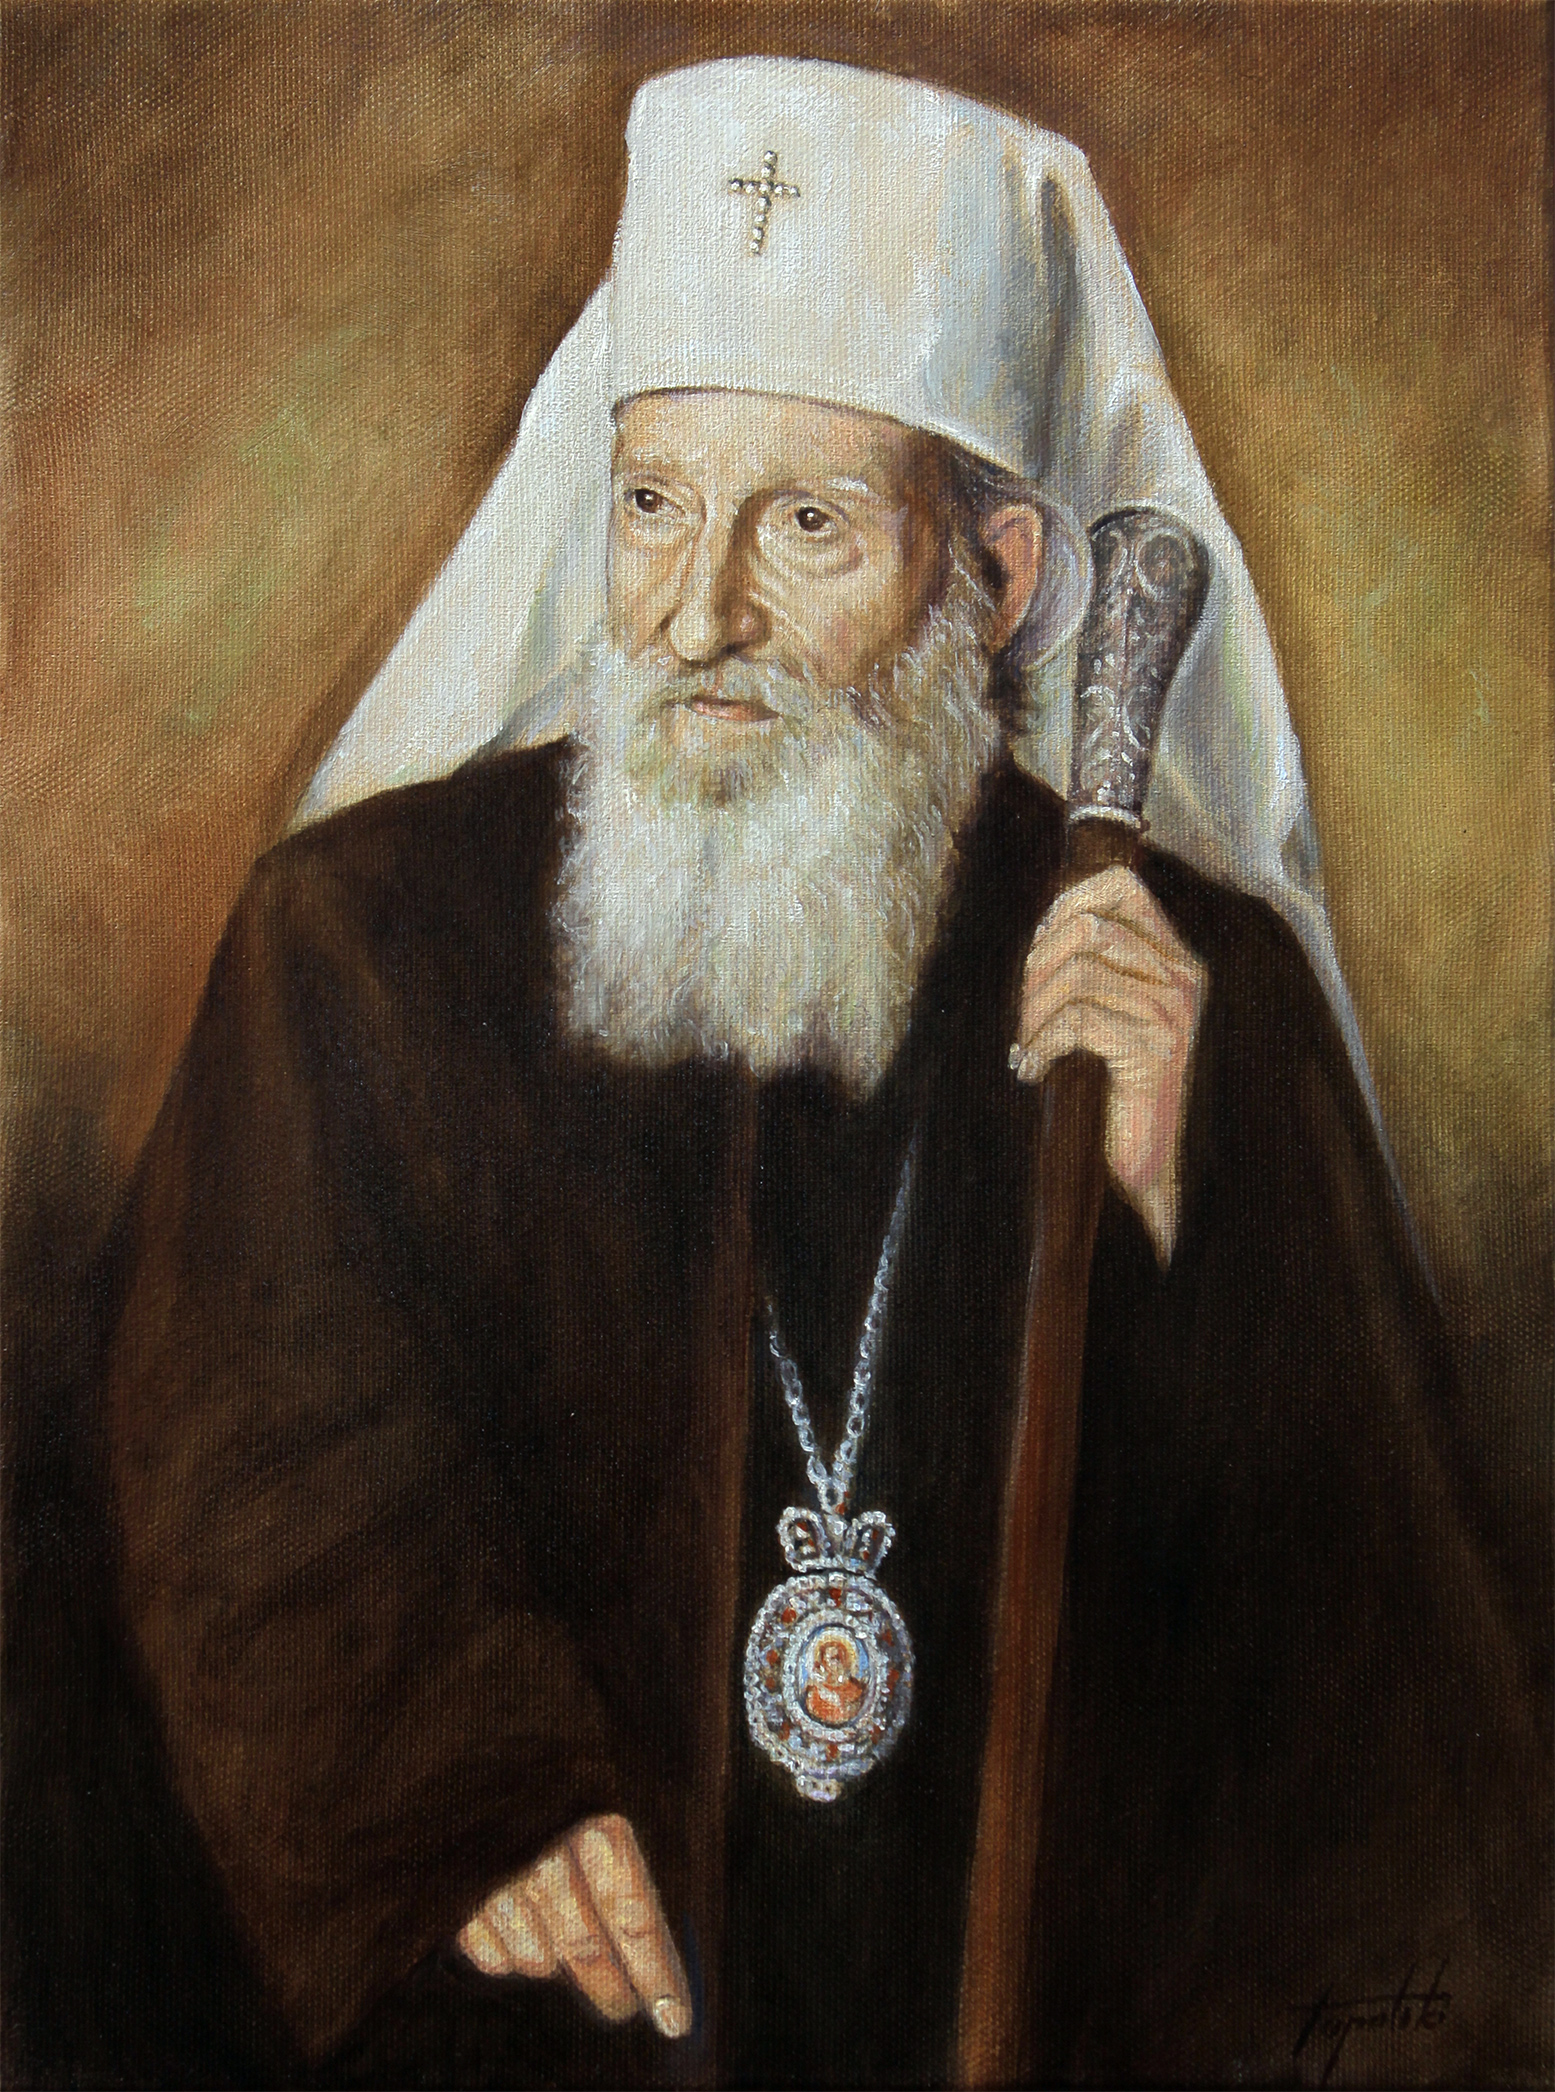 Patrijarh Srpski Pavle - Ulje na platnu 40x30cm - Akademski Umetnik Darko Topalski